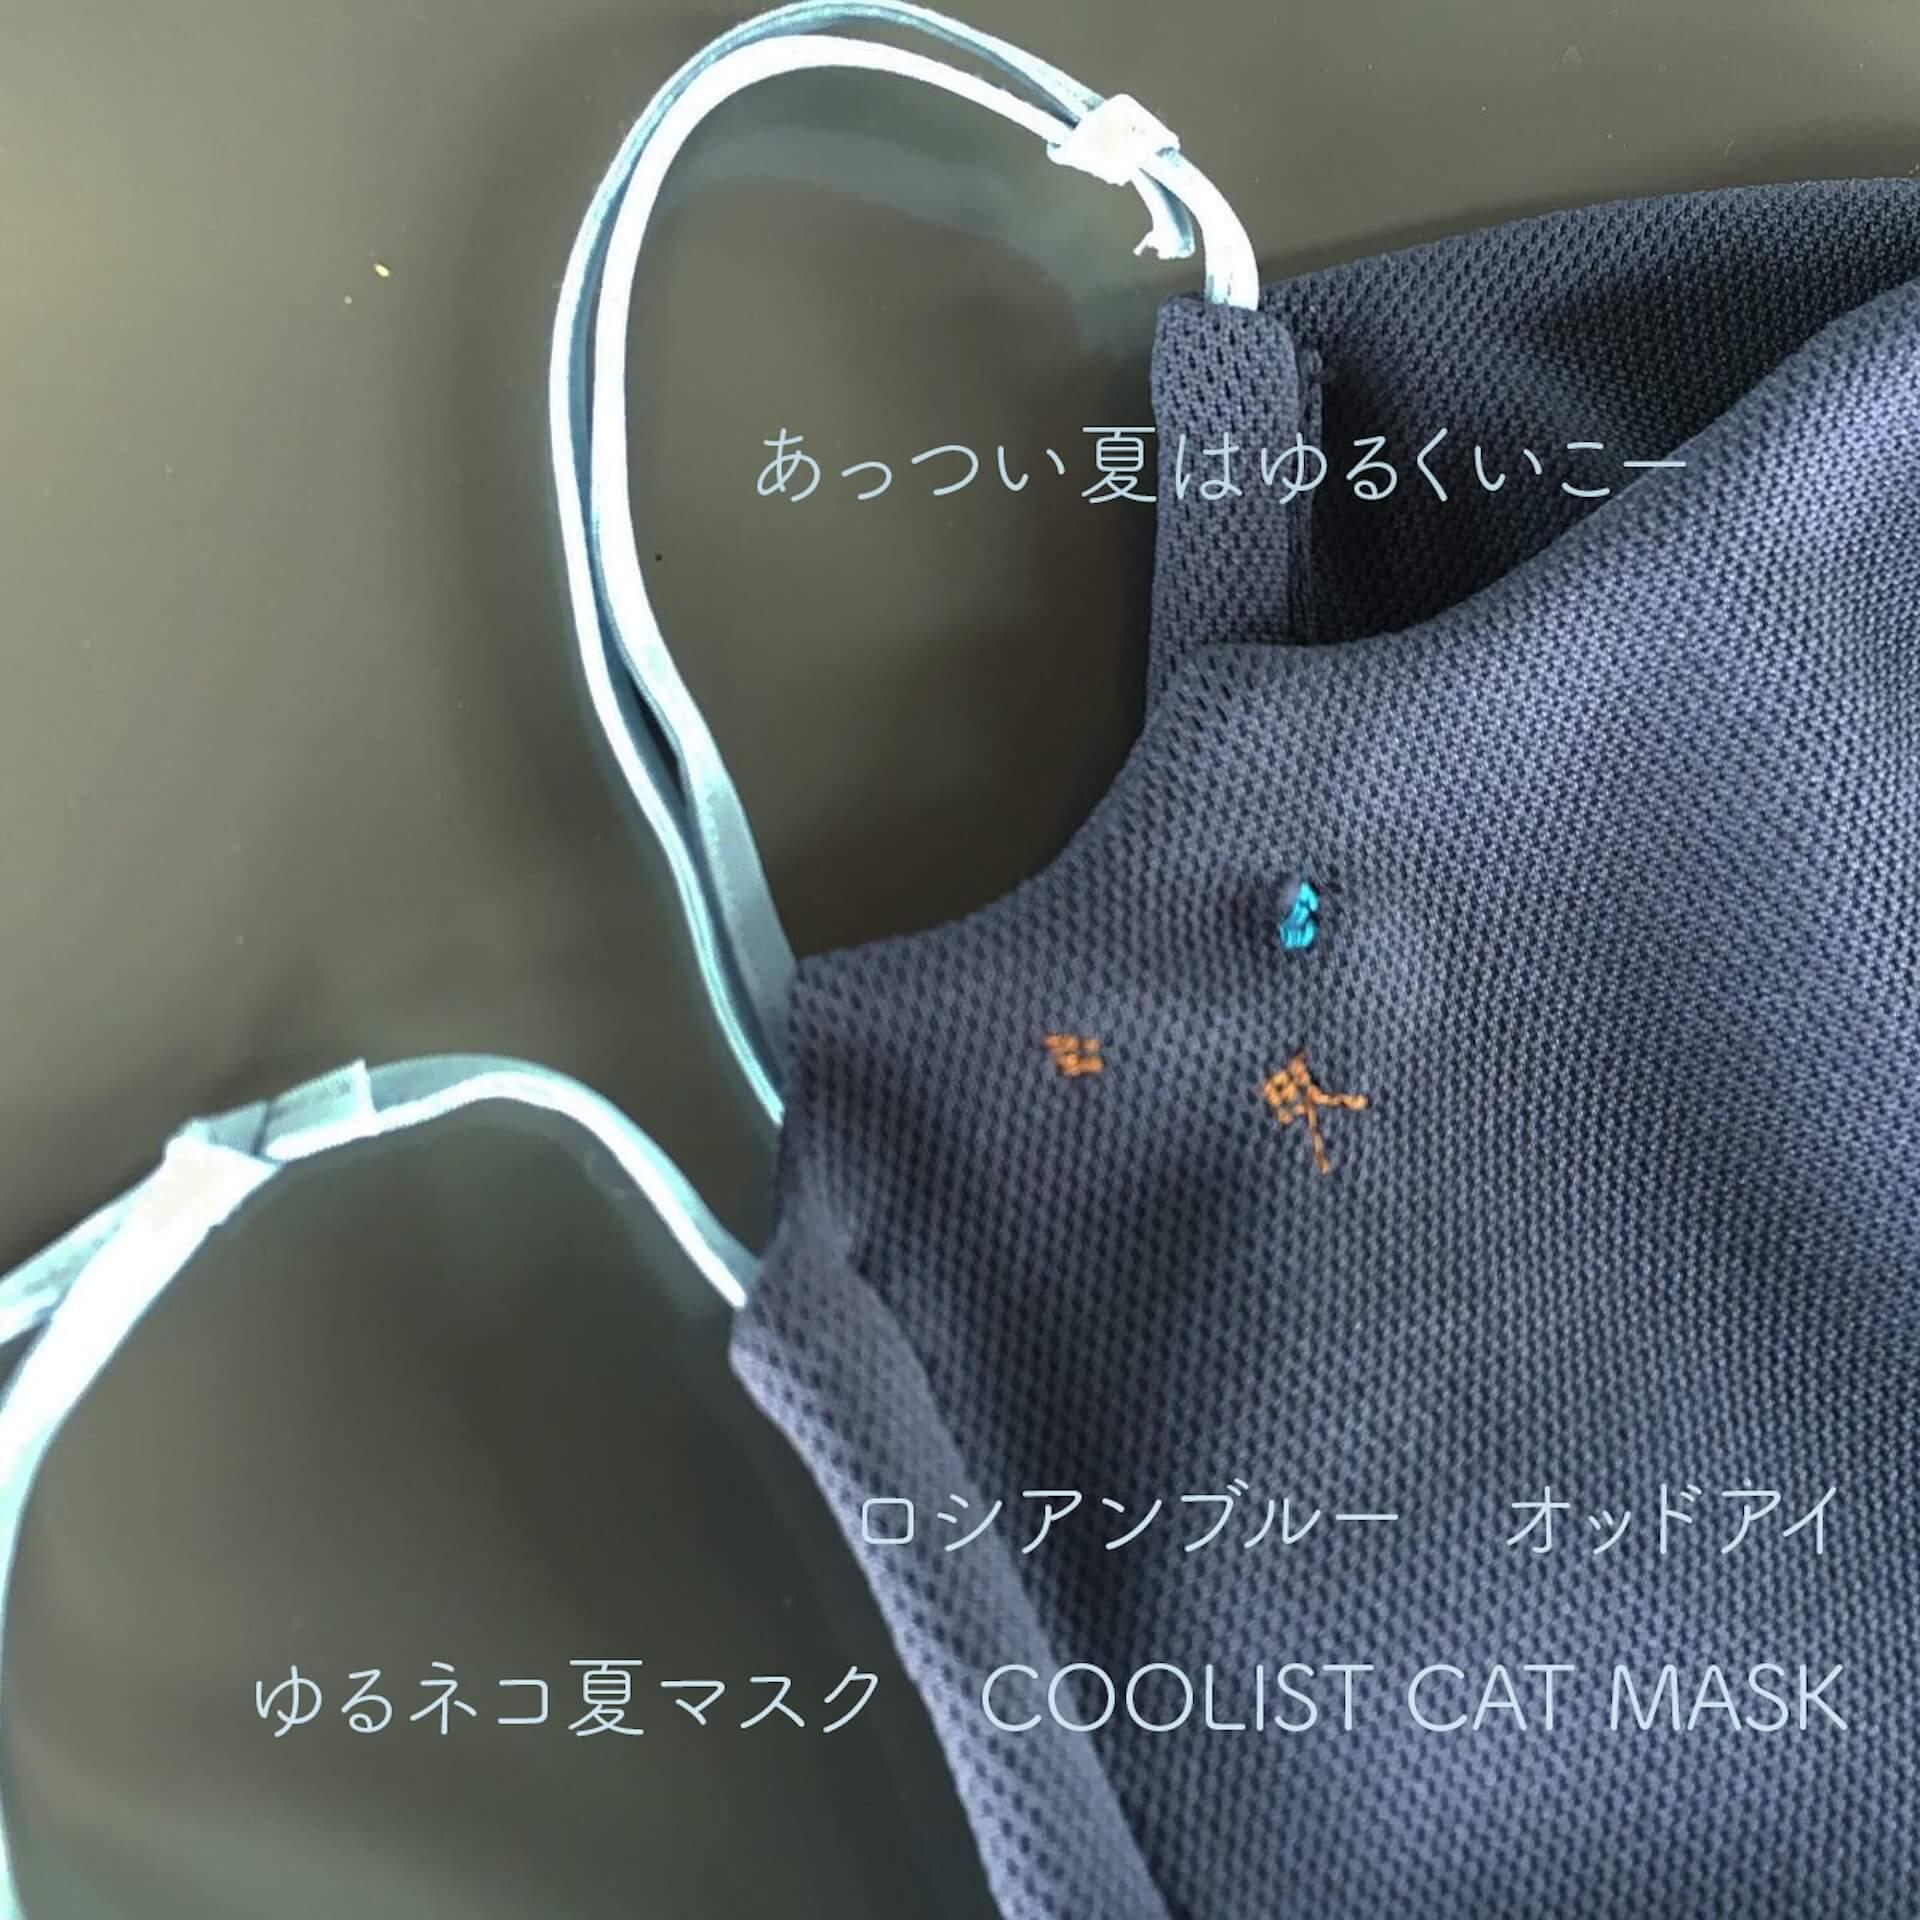 クール素材のゆるネコ夏マスクが登場!コットンの5倍の速さで汗を吸収&かわいいネコの刺繍も lf200617_nekorepublic_catmask_02